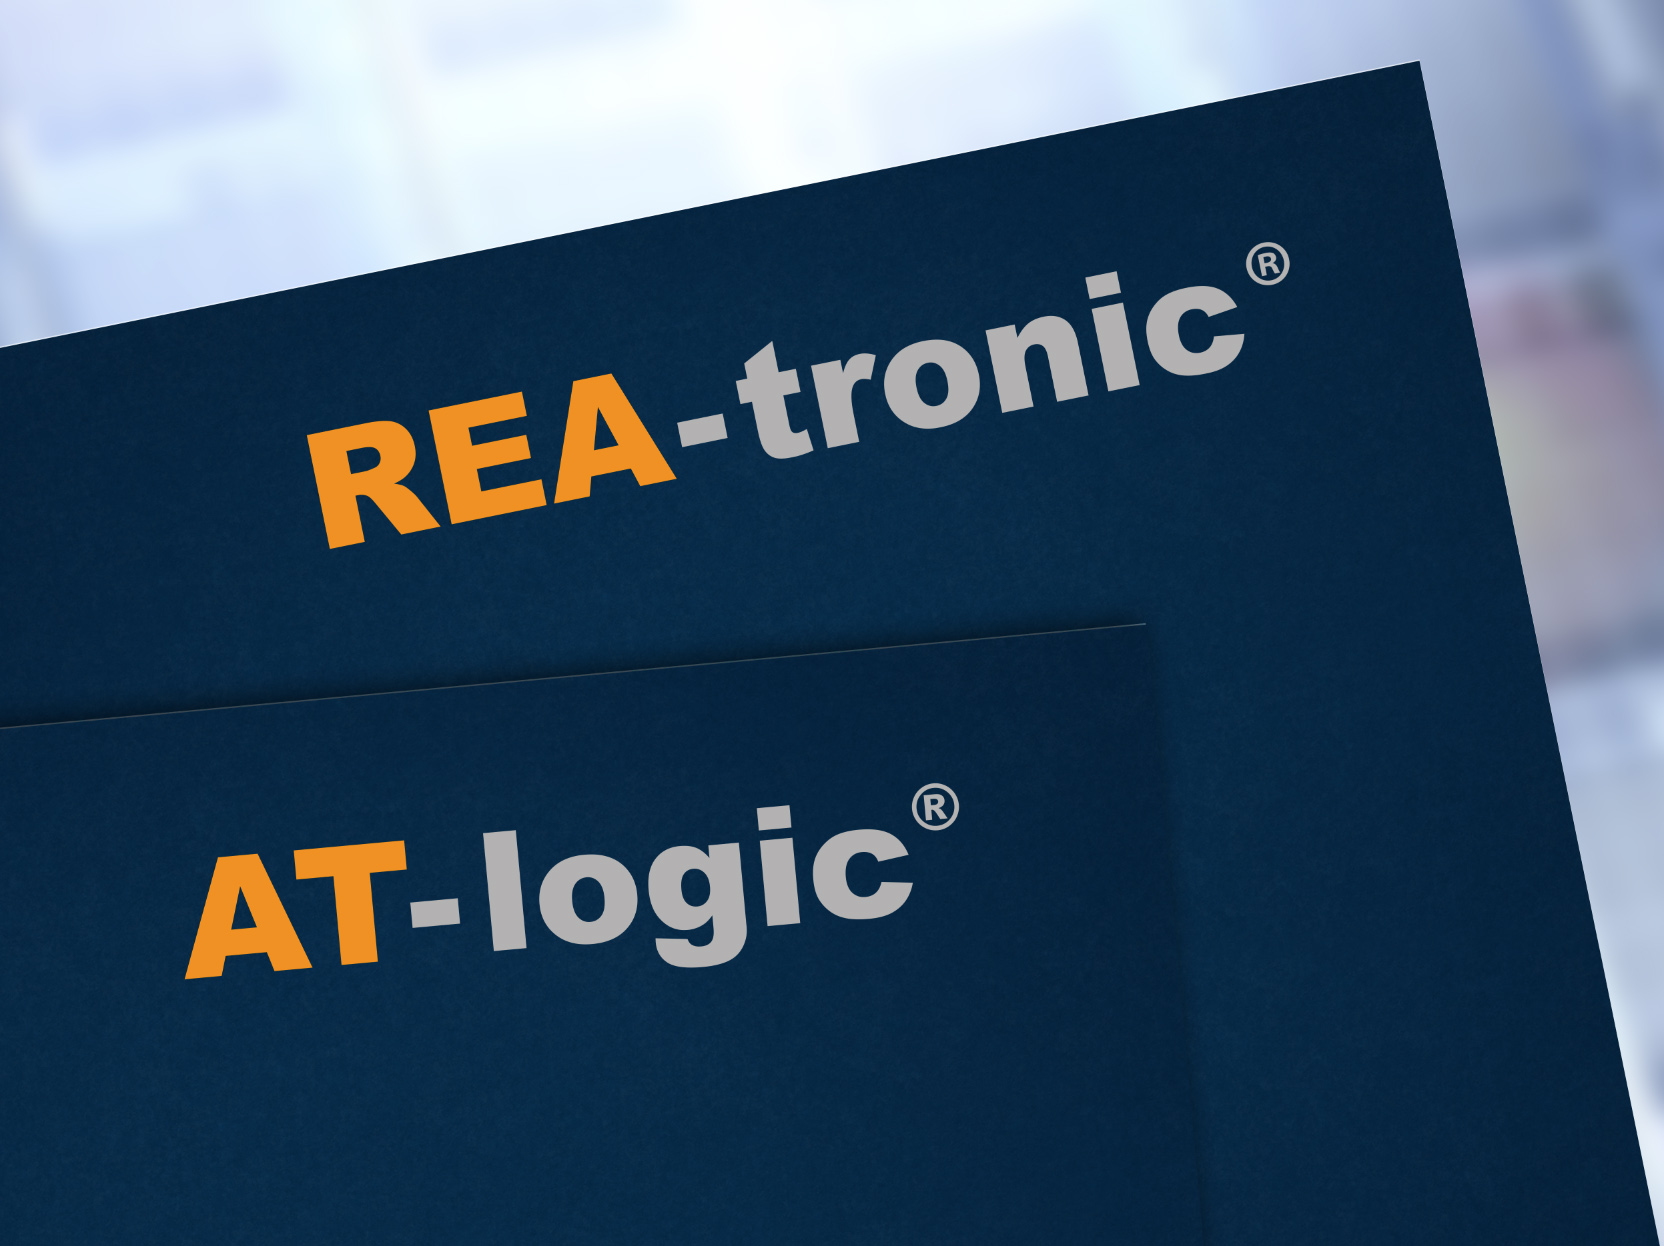 AT-logic-Reatronic-logos Kopie